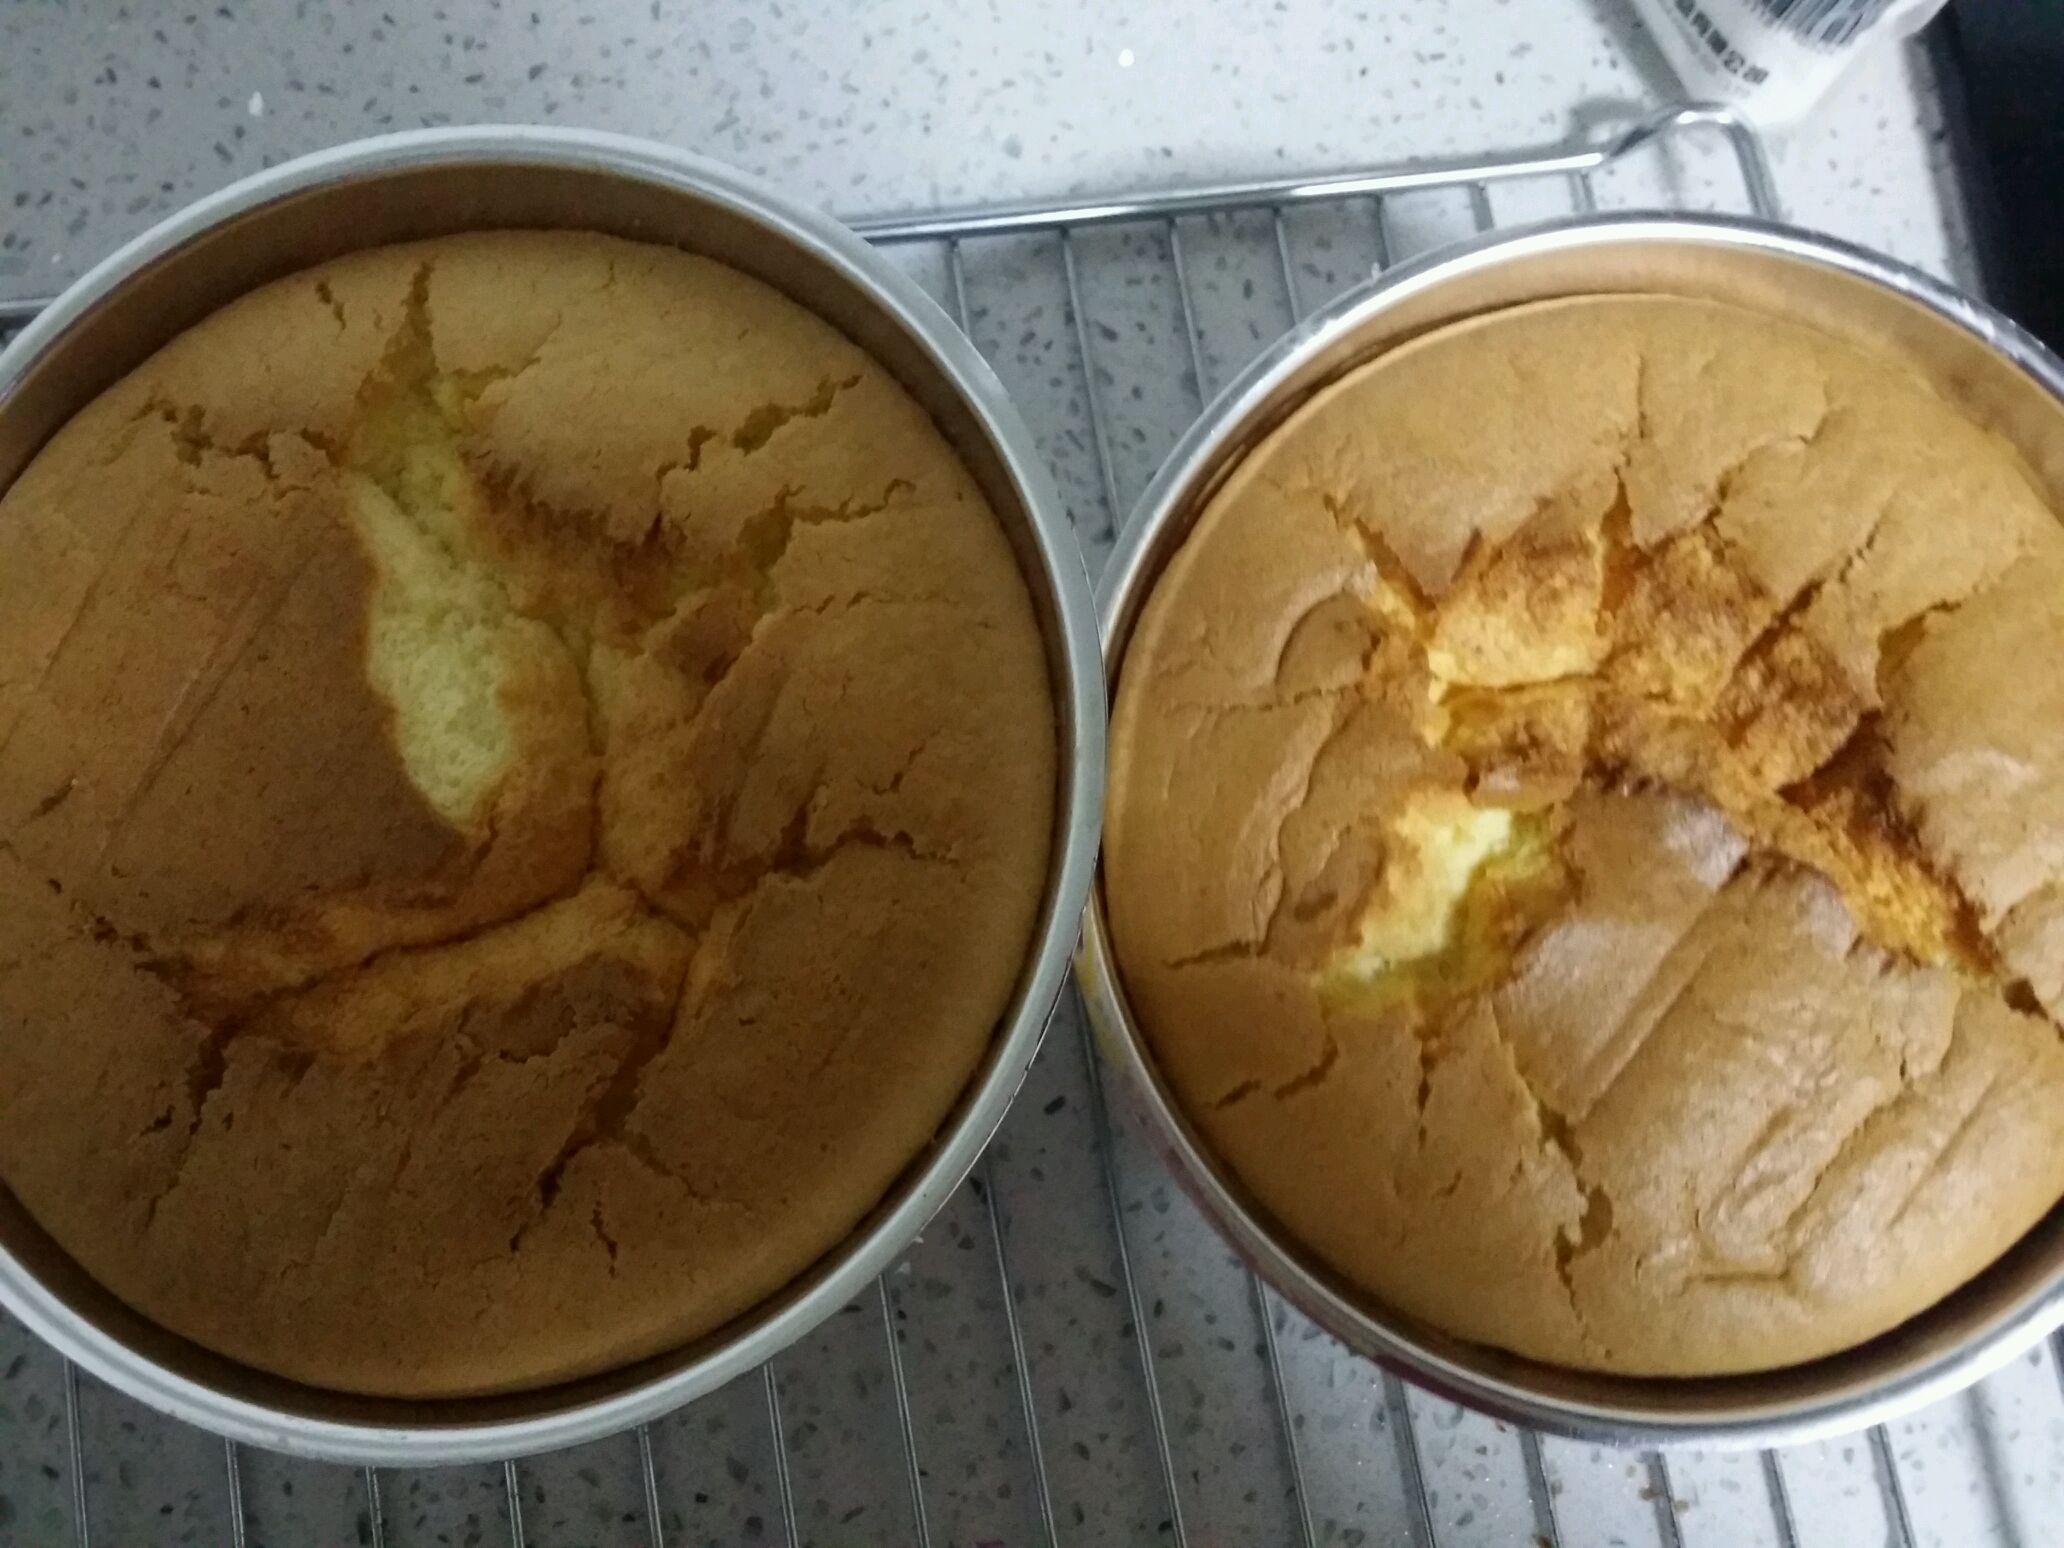 忘记拍步骤图了,打底是戚风蛋糕,想烤好的核心就是蛋白的打发.